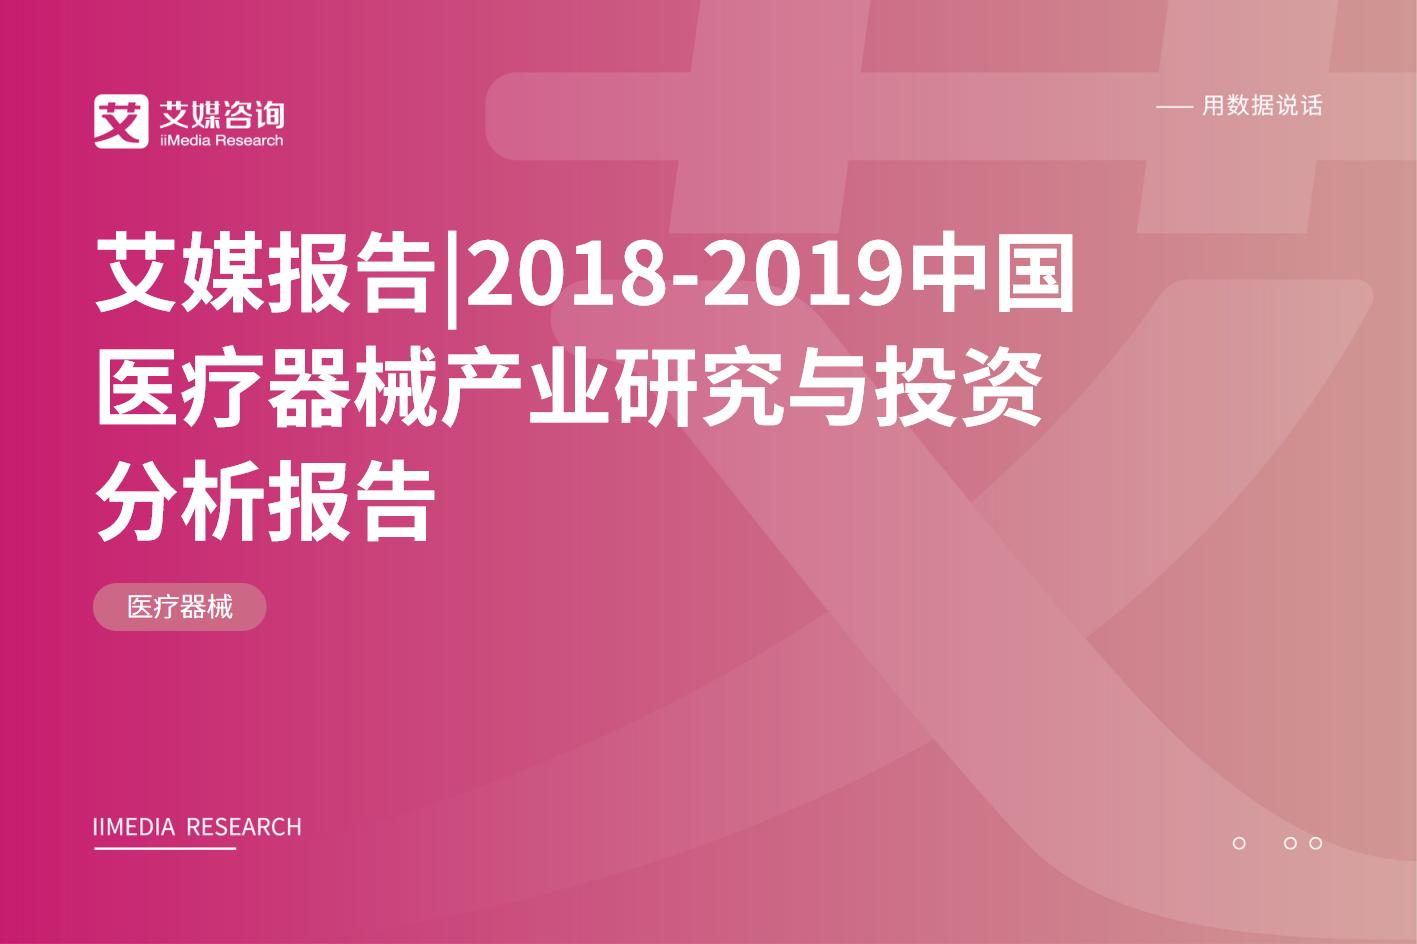 艾媒报告 |2018-2019中国医疗器械产业研究与投资分析报告